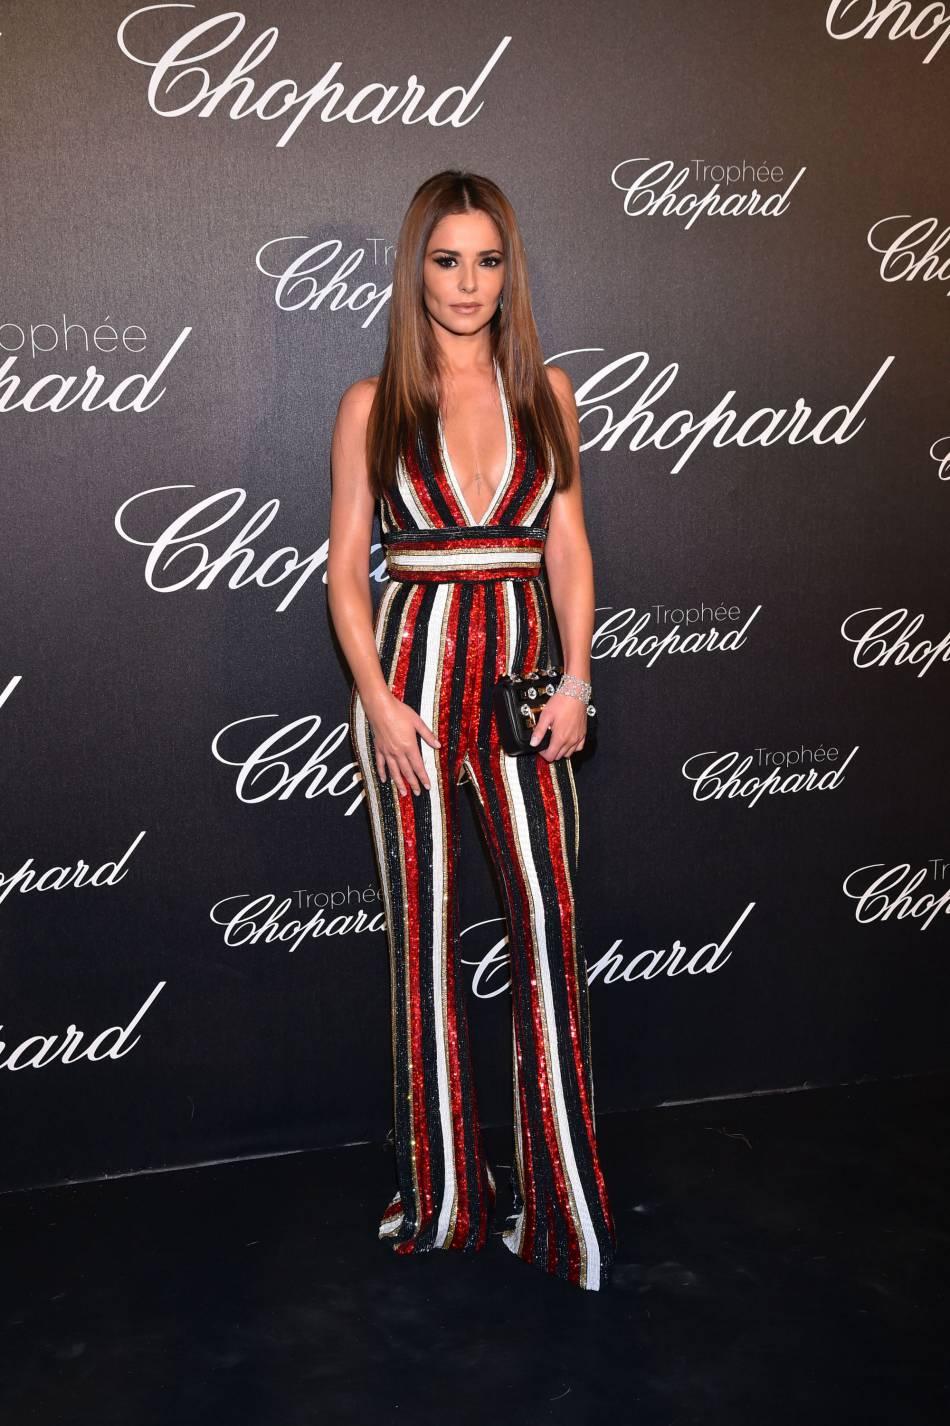 Cheryl Cole lors de la cérémonie du Trophée Chopard organisé le 12 mai 2016 à Cannes.